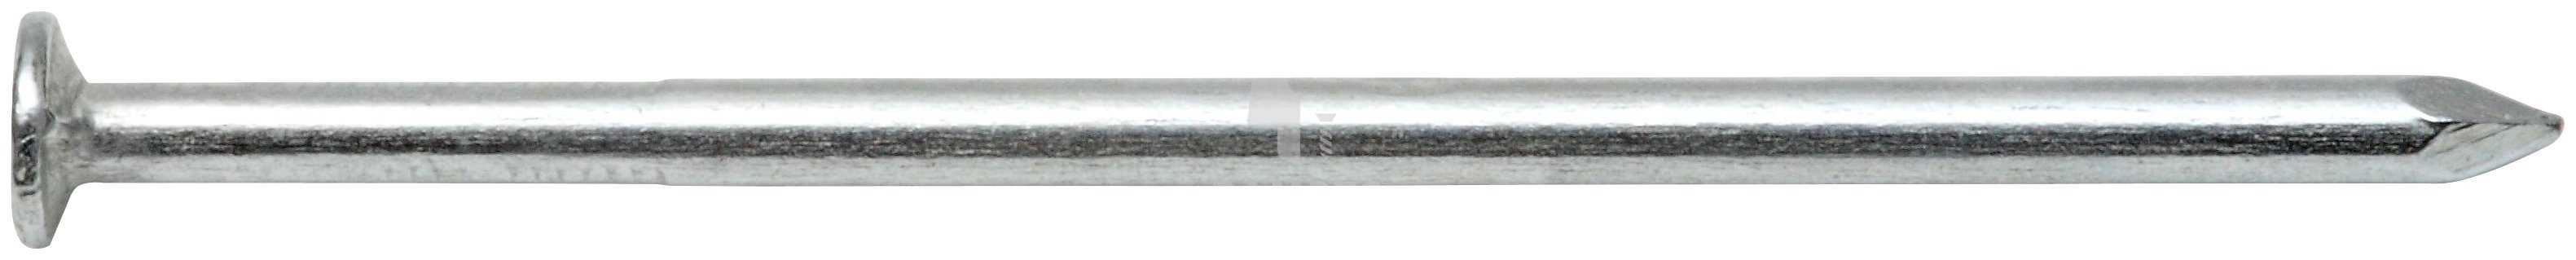 RAMSES Nagel , Senkkopf DIN 1151 4,2 x 120 mm Stahl verzinkt, 2,5 kg